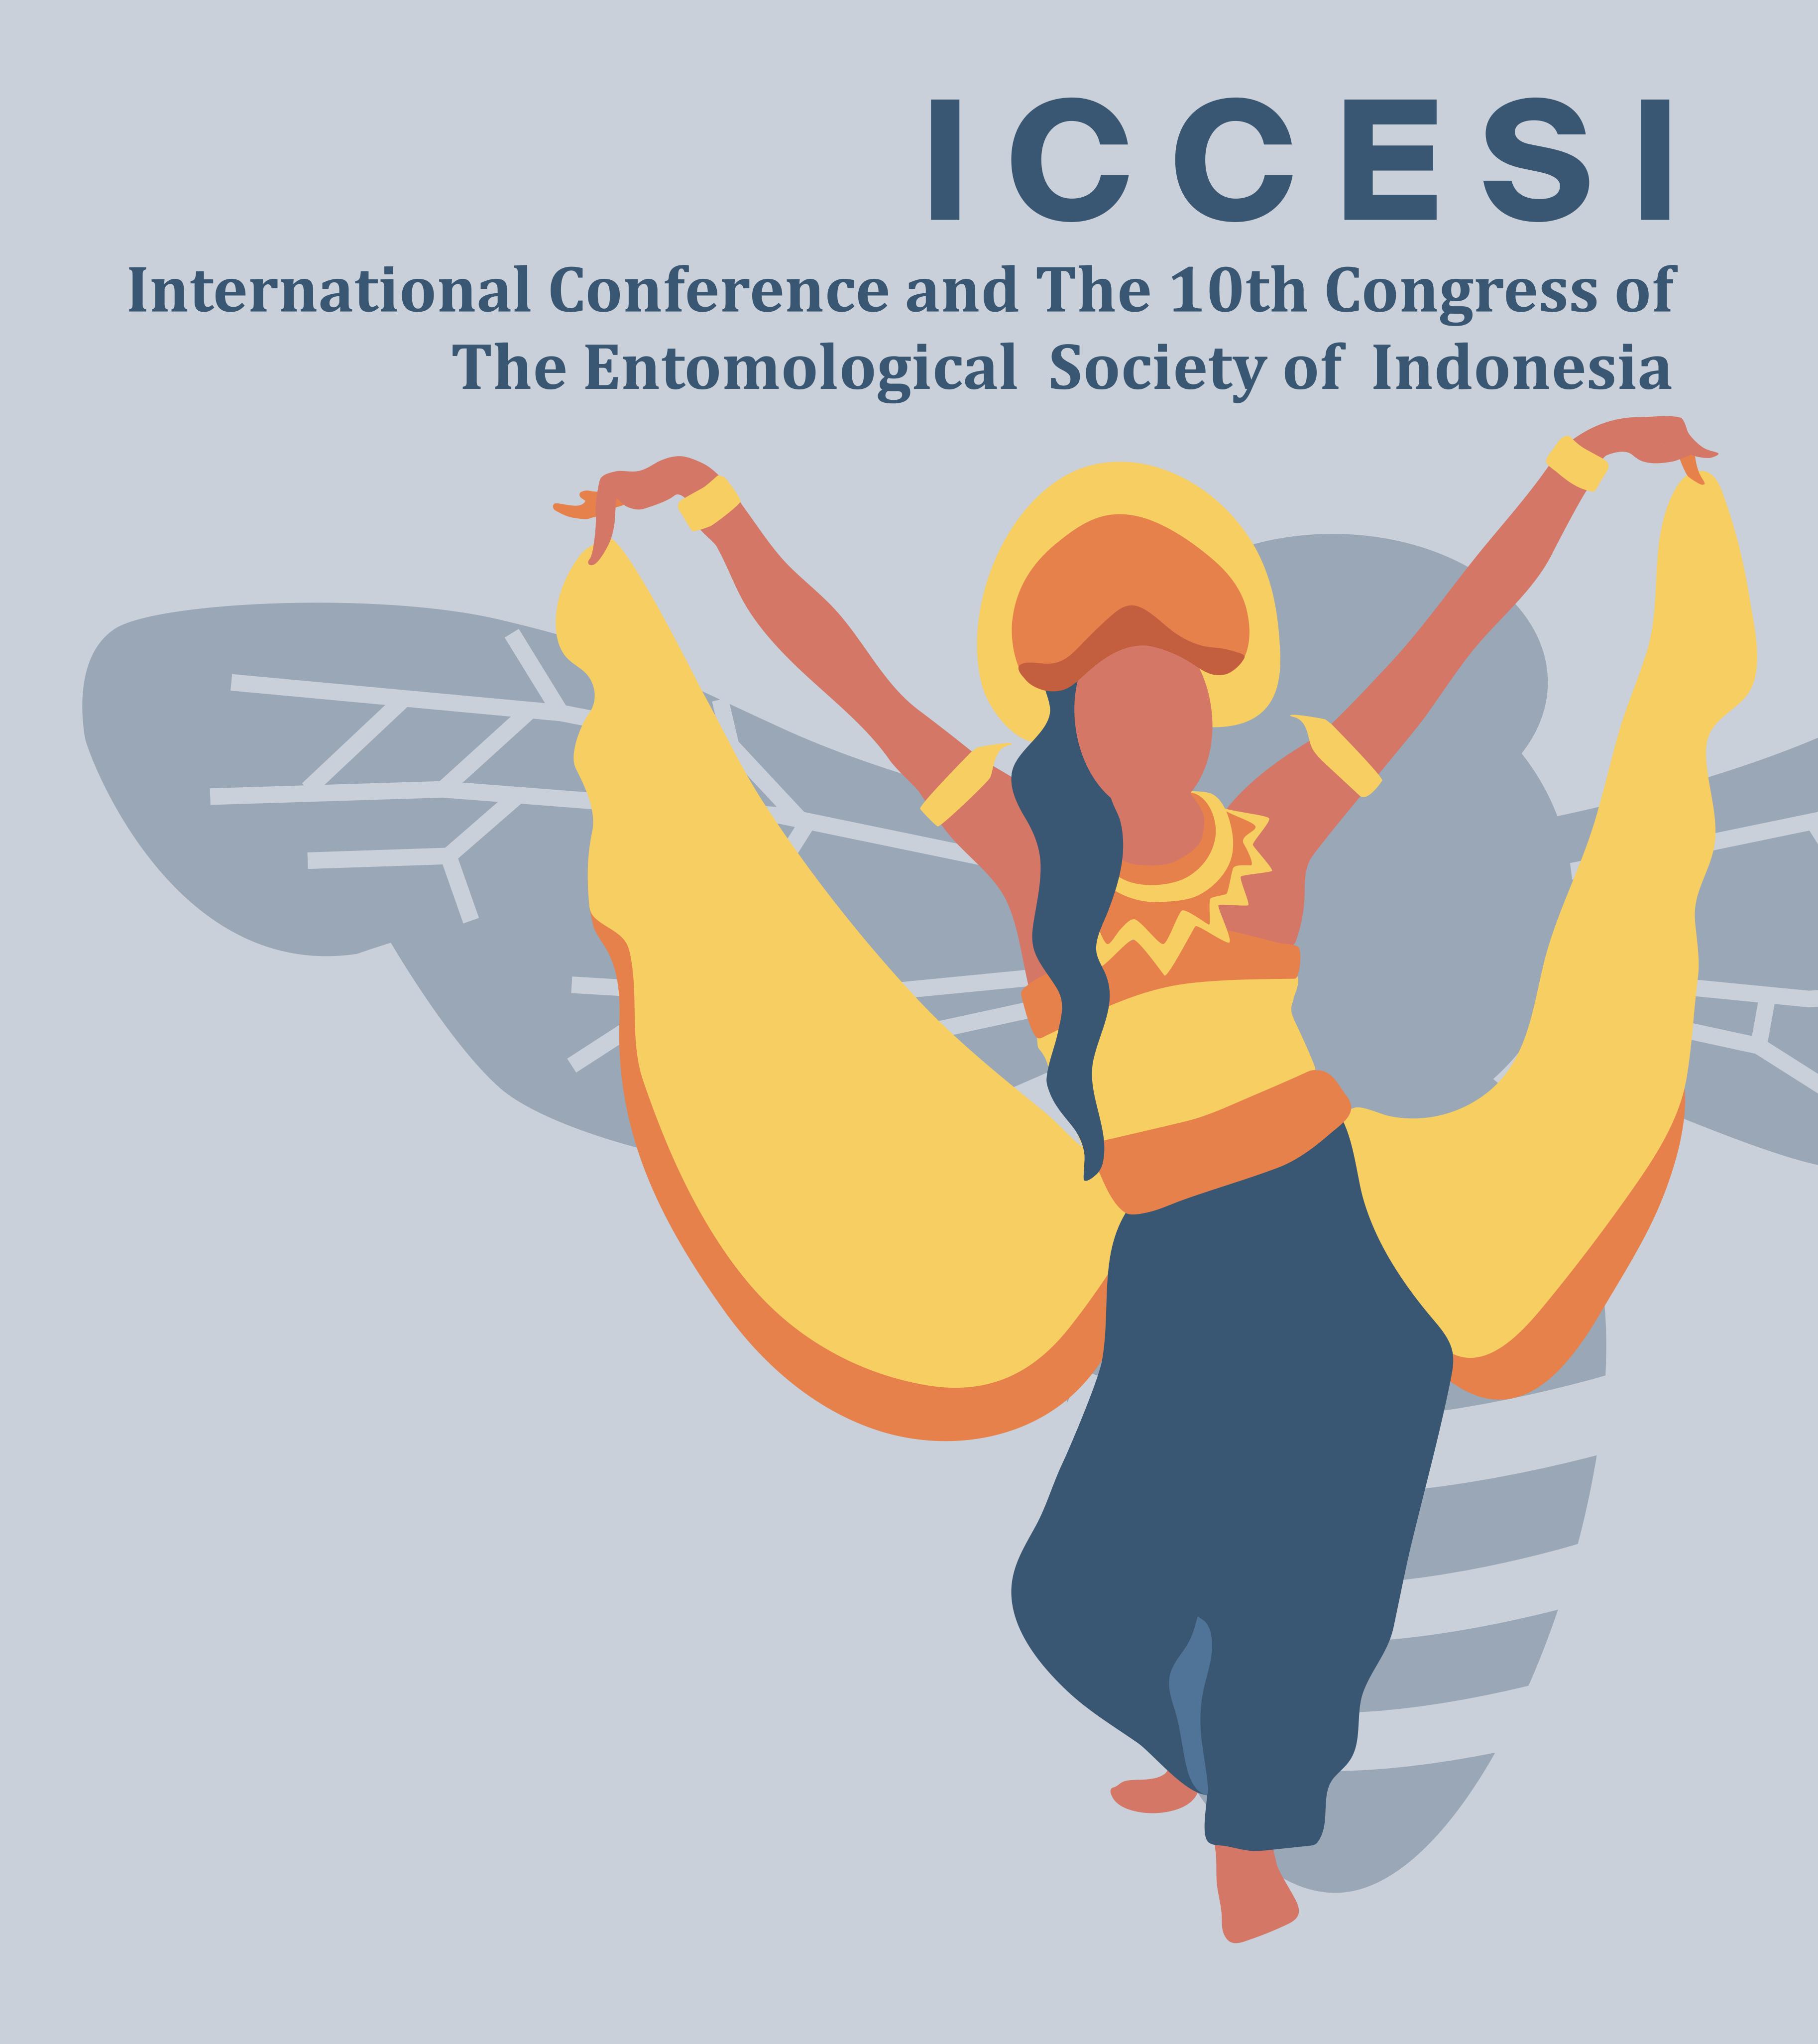 ICCESI 2019